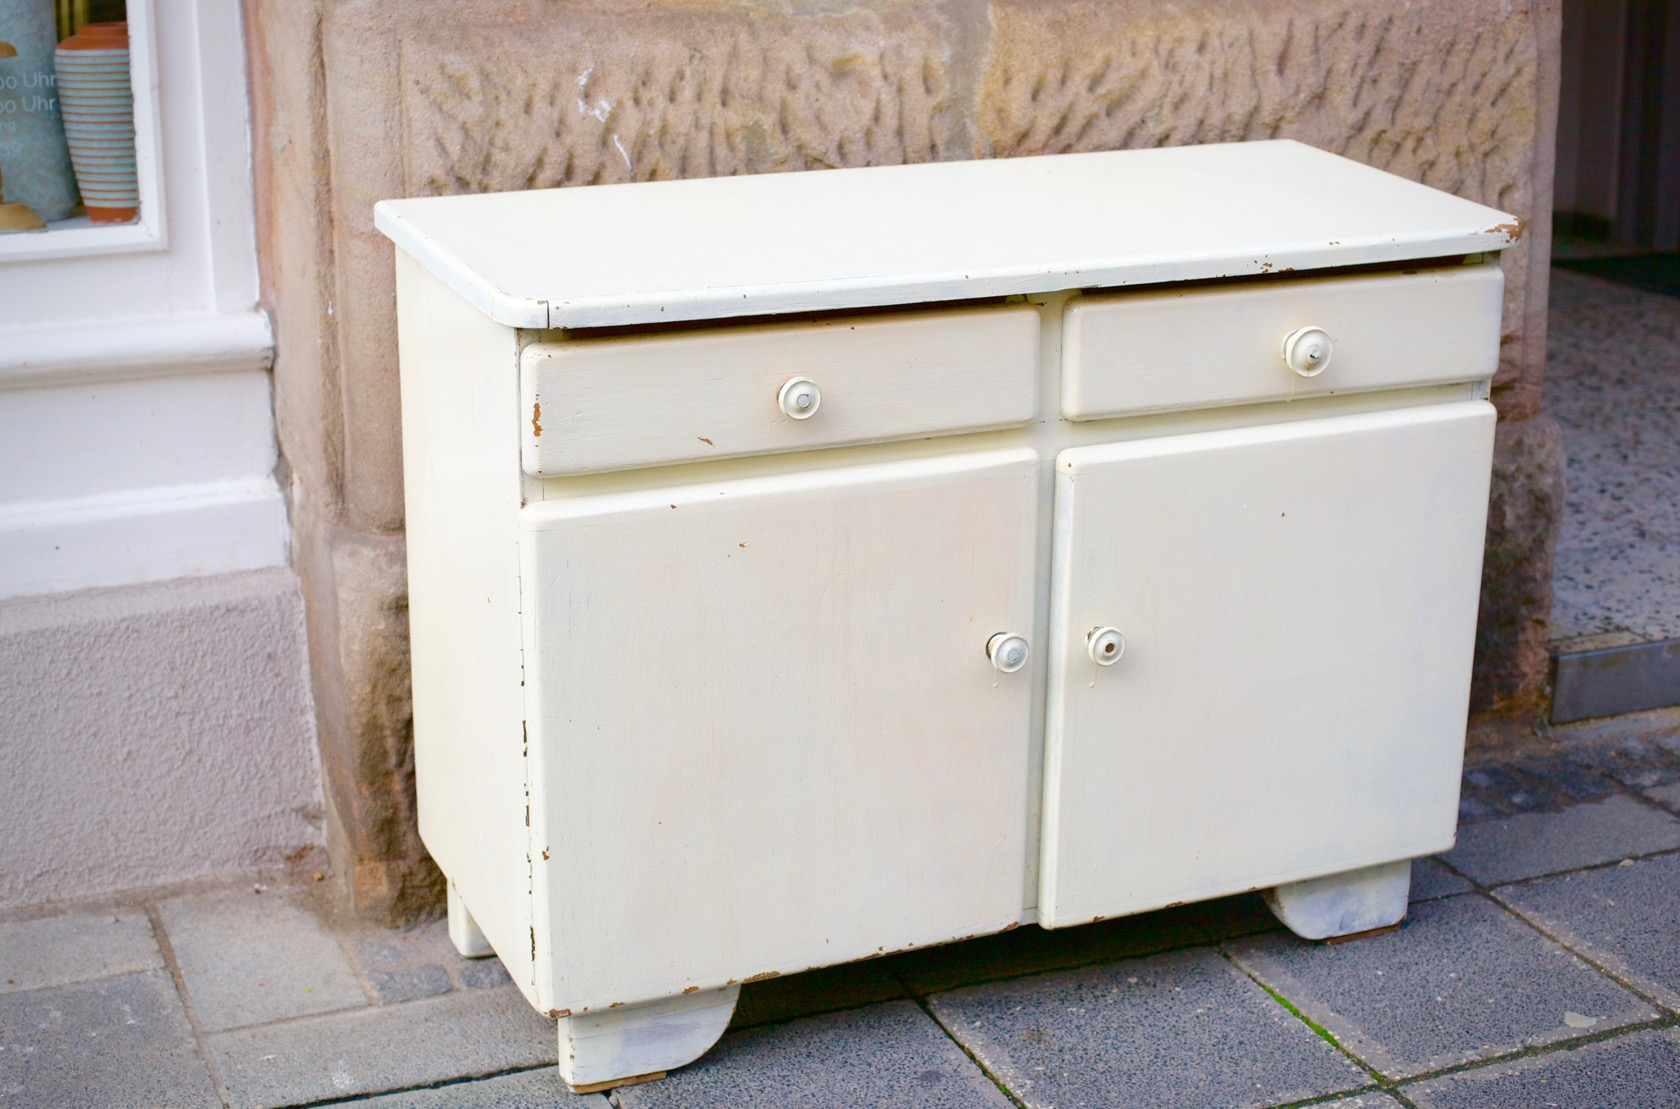 kleine anrichte shabby chic raumwunder vintage wohnen in n rnberg. Black Bedroom Furniture Sets. Home Design Ideas